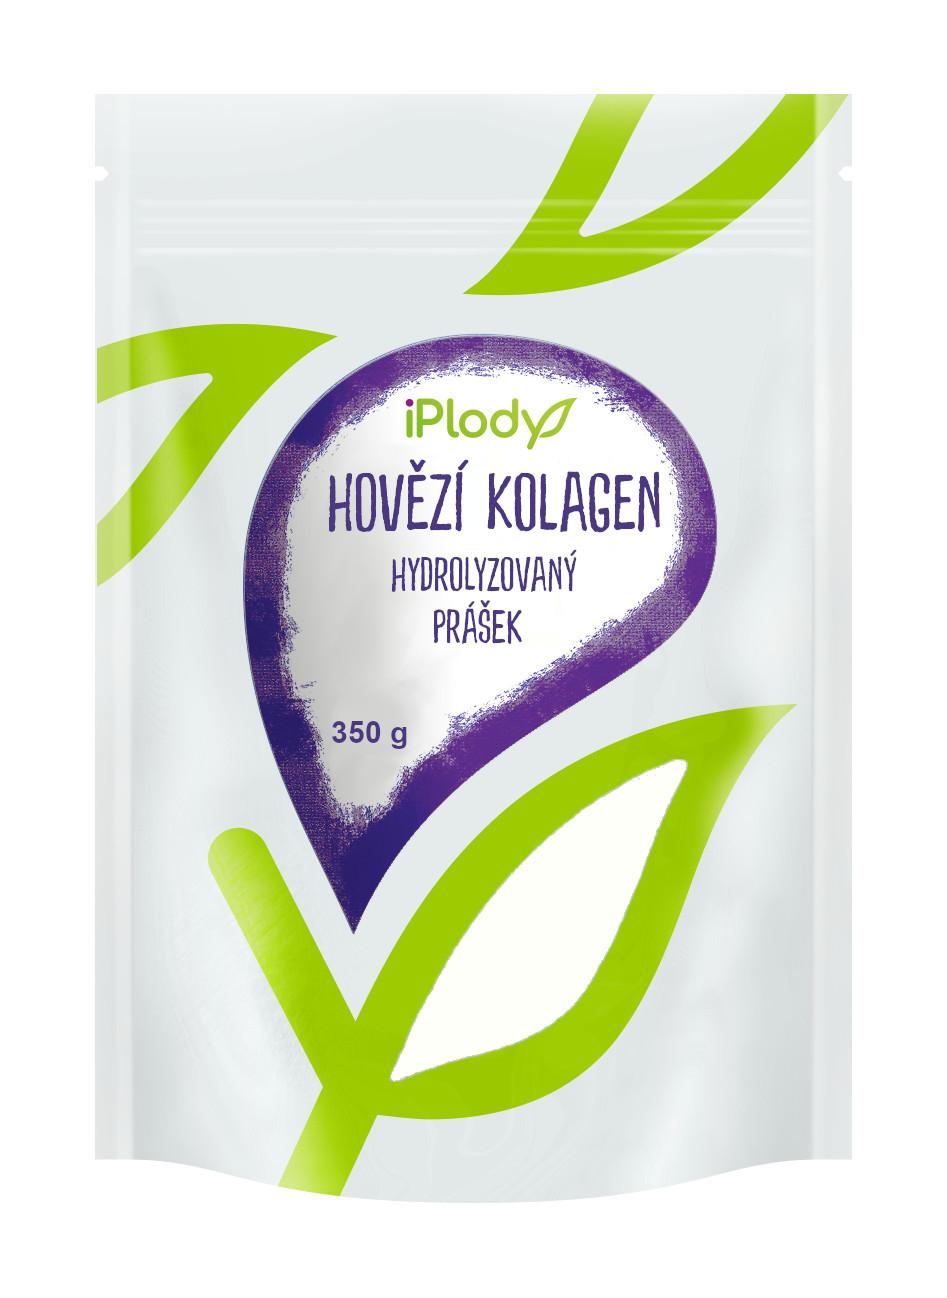 iPlody Hovězí kolagen hydrolyzovaný, prášek 350 g